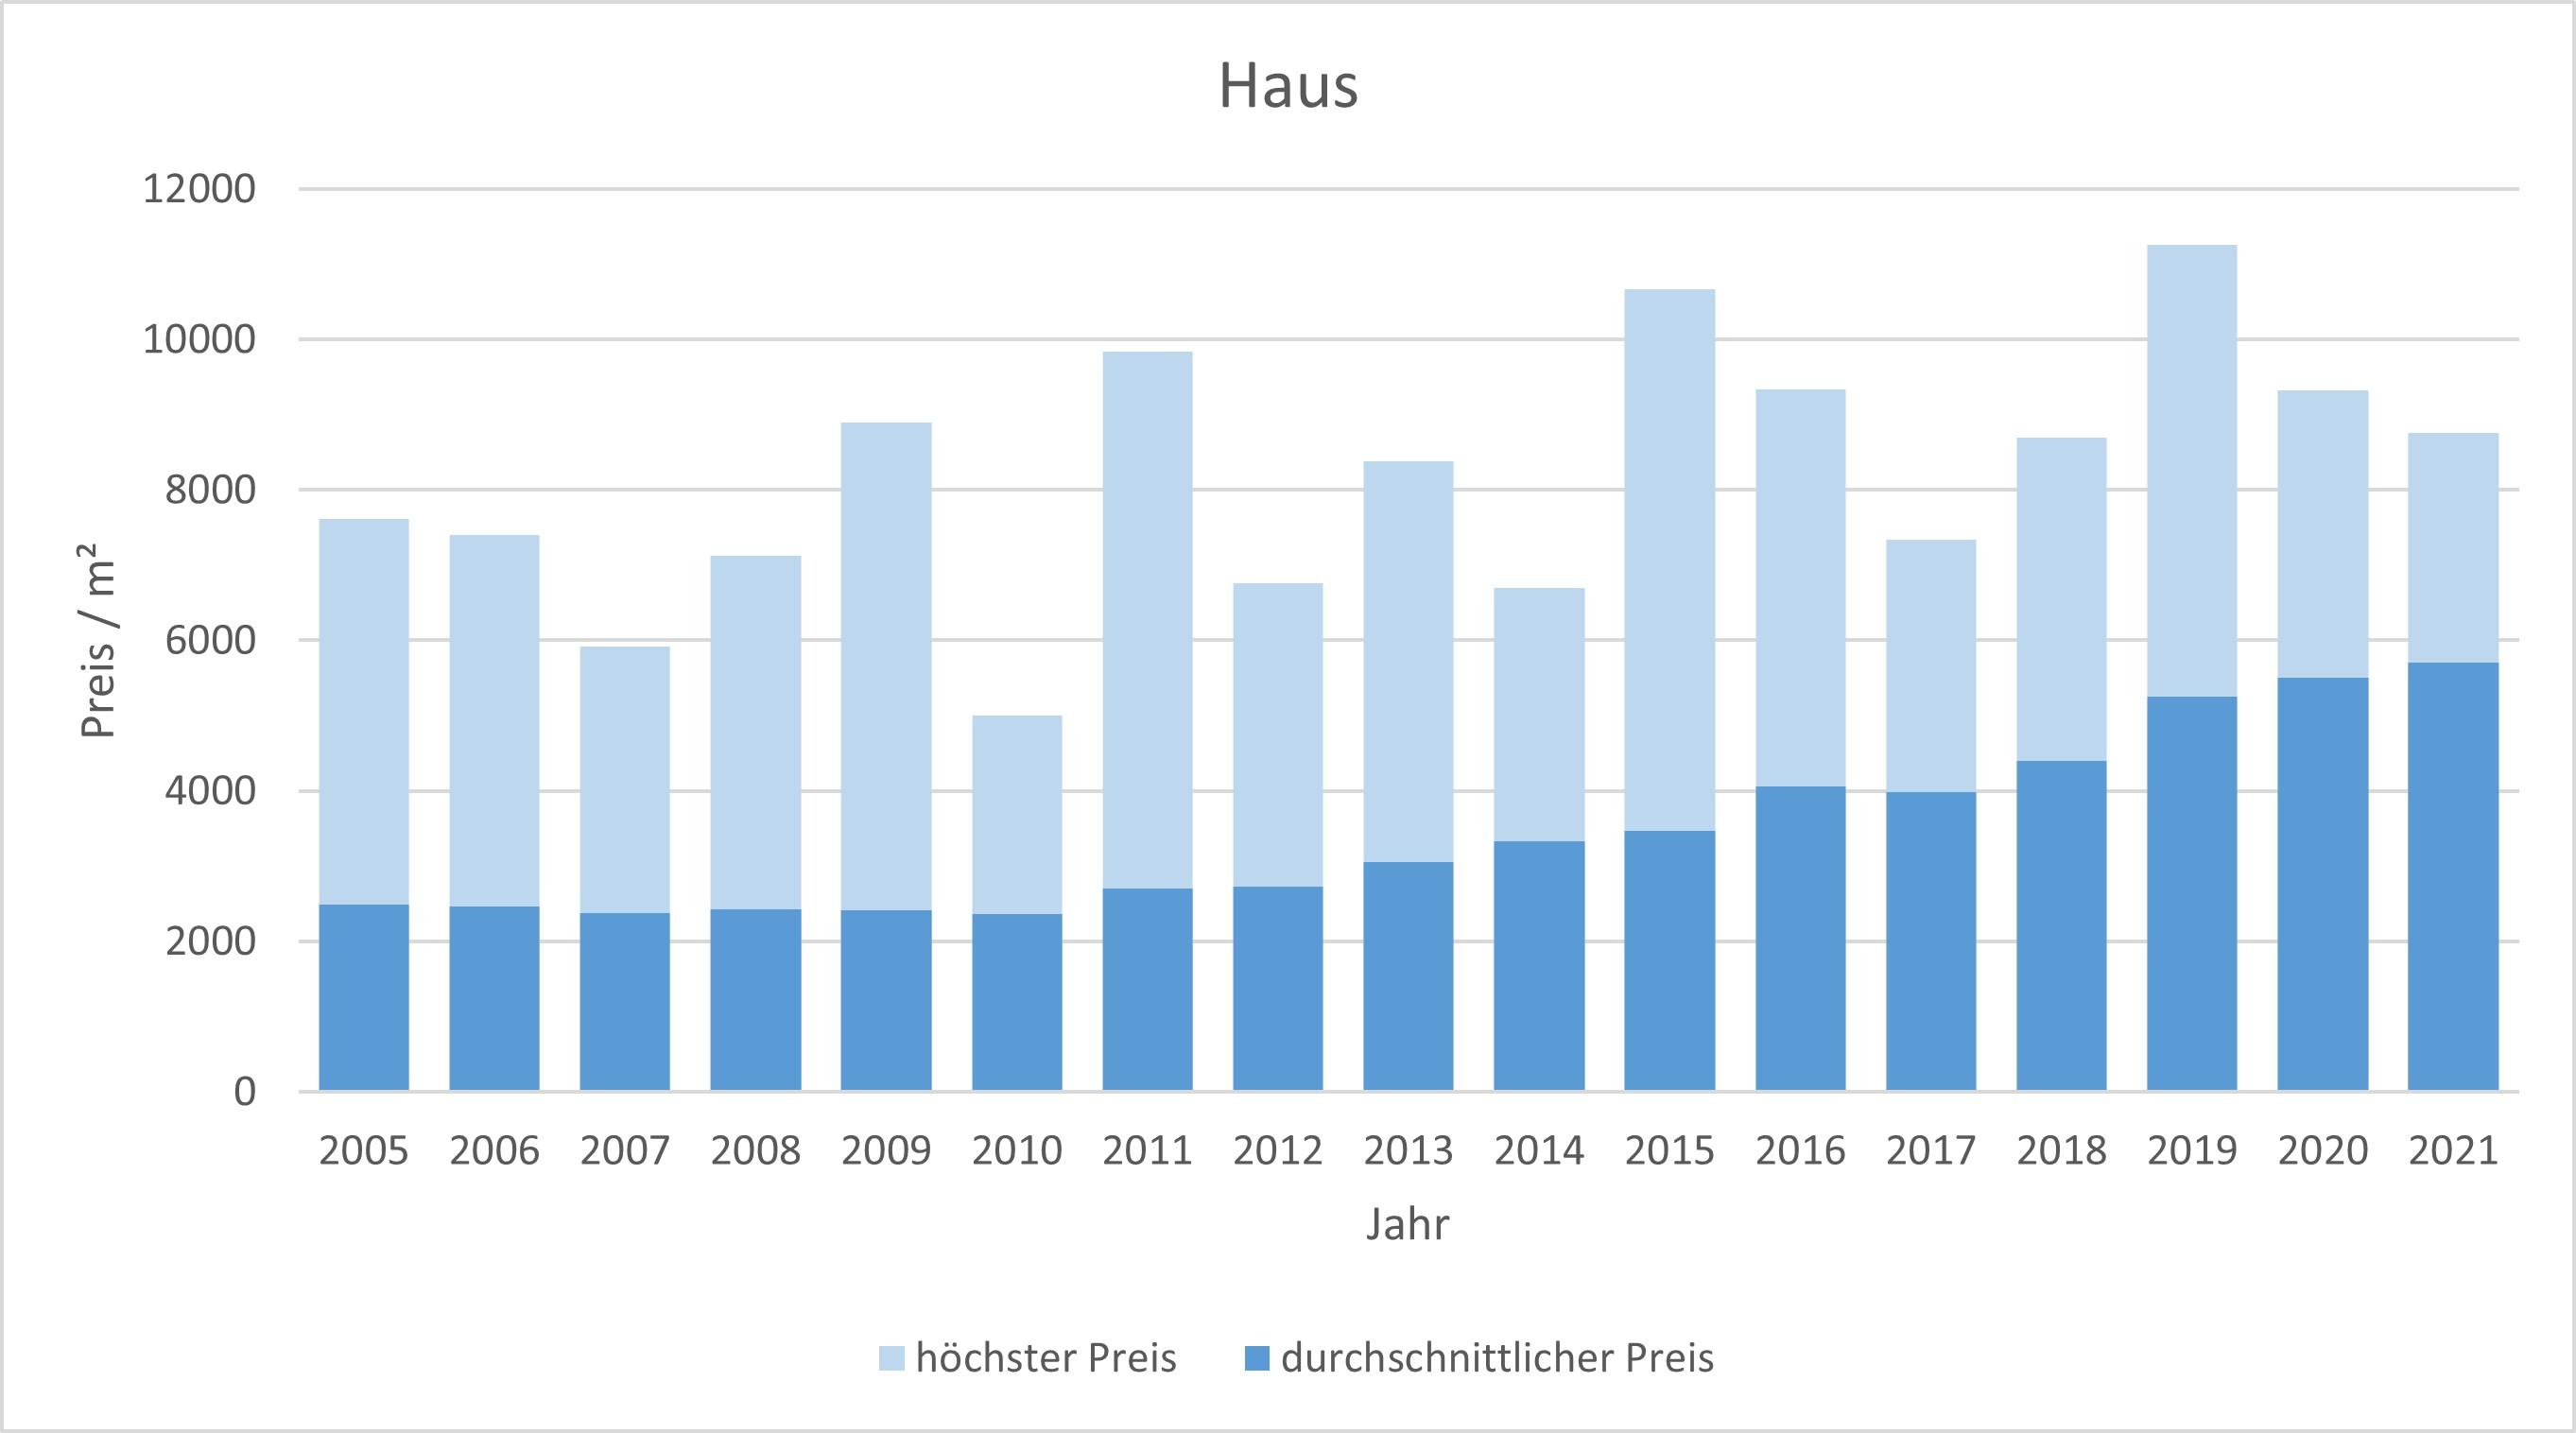 Rosenheim Haus kaufen verkaufen Makler qm-Preis www.happy-immo.de 2019 2020 2021